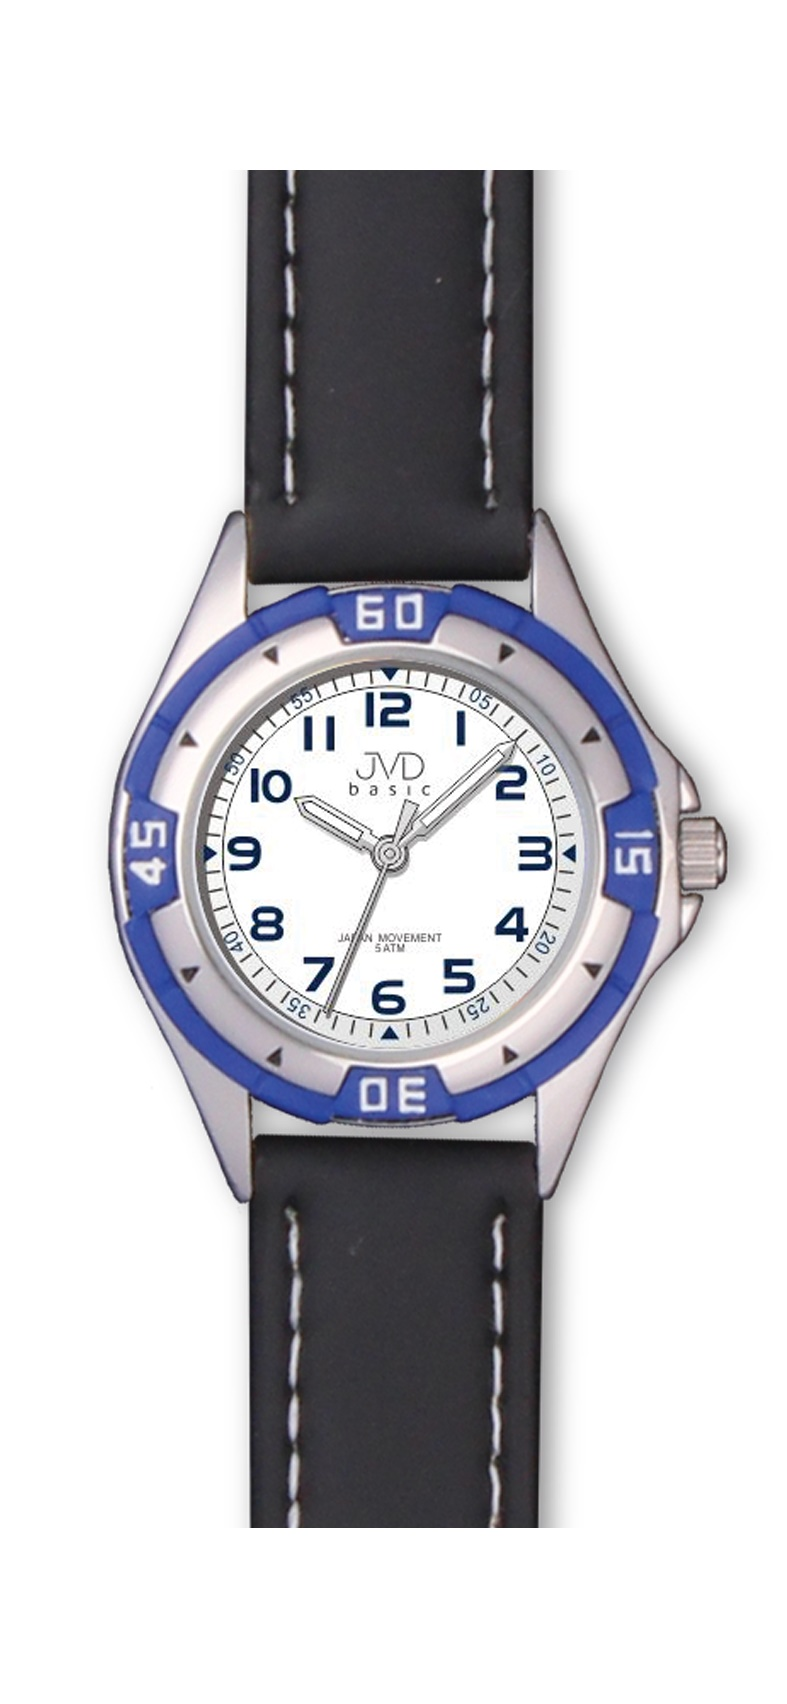 Chlapecké dětské voděodolné sportovní hodinky JVD J7099.3 - 5ATM